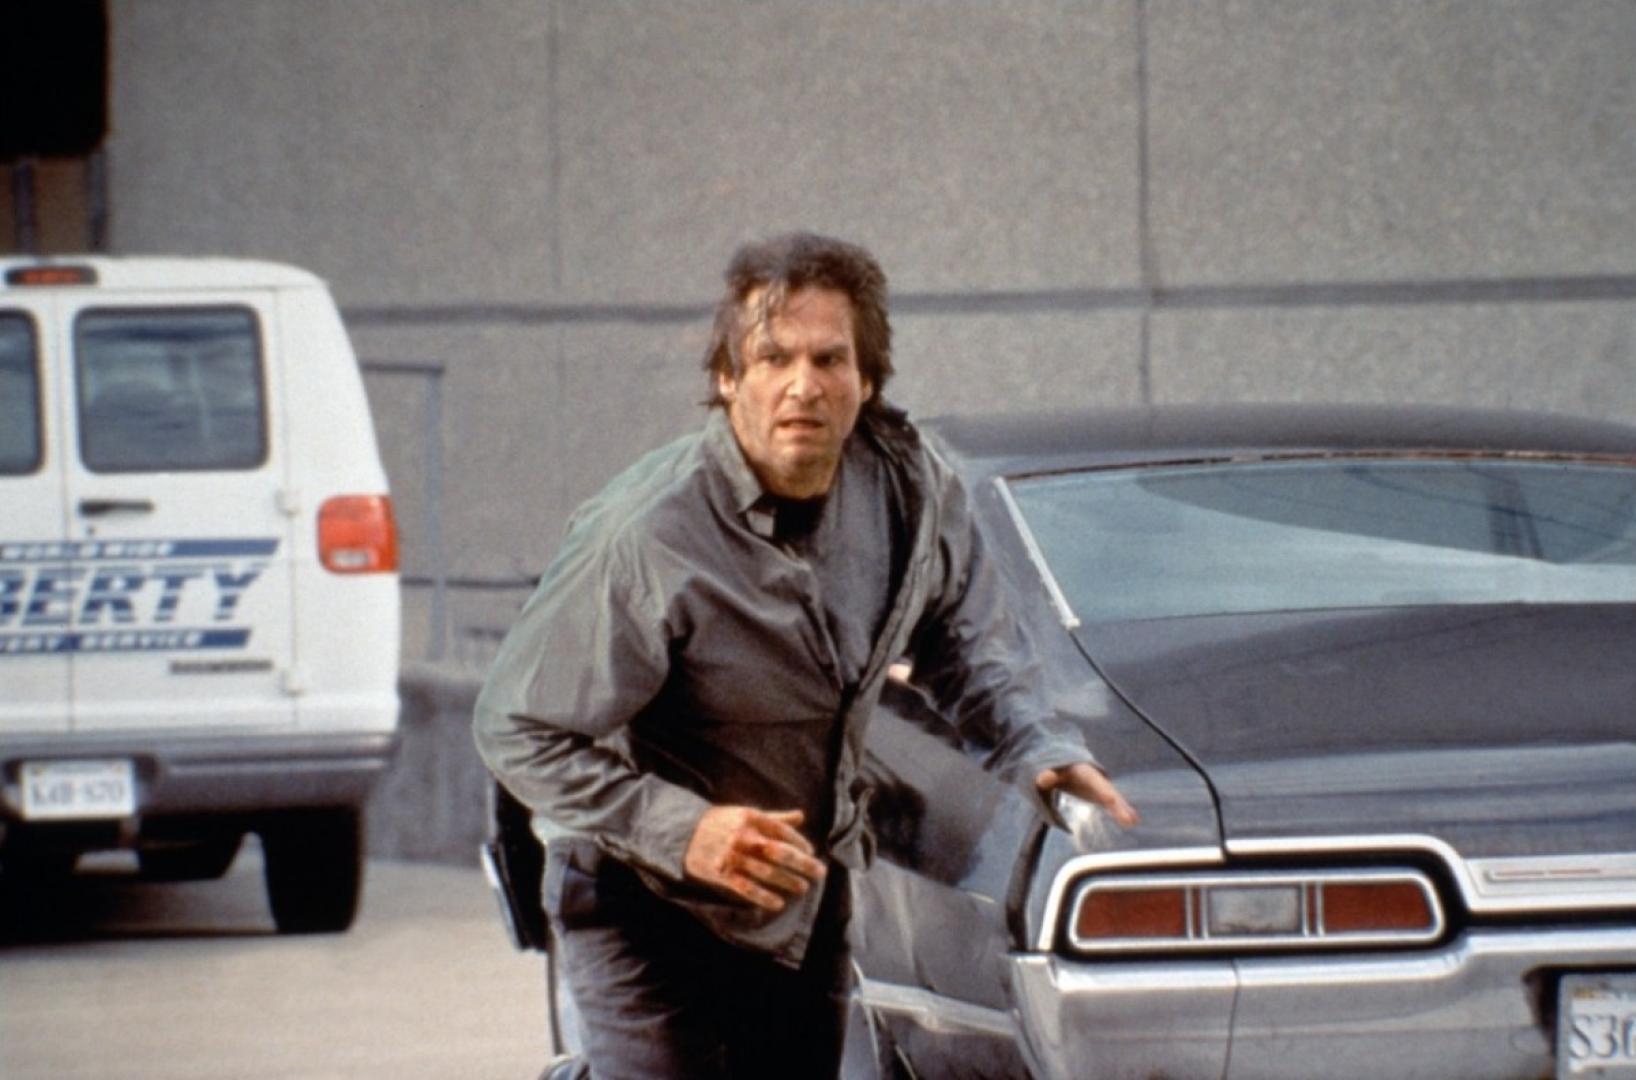 Arlington Road - A szomszéd (1999) 3. kép